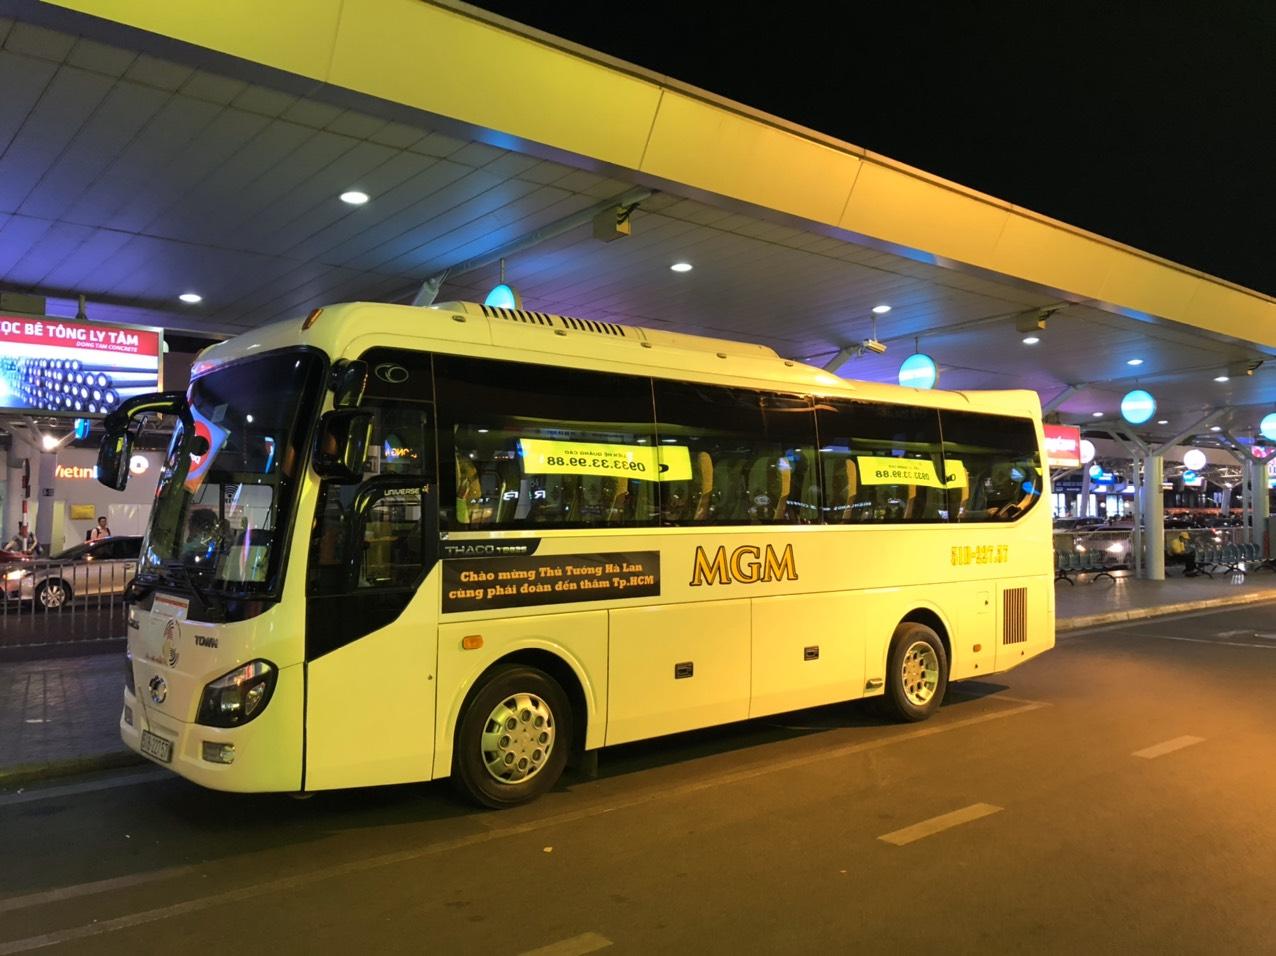 MGM car  là một trong những thương hiệu cho thuê du lịch uy tín, chất lượng và có quy mô lớn tại TP Hồ Chí Minh.